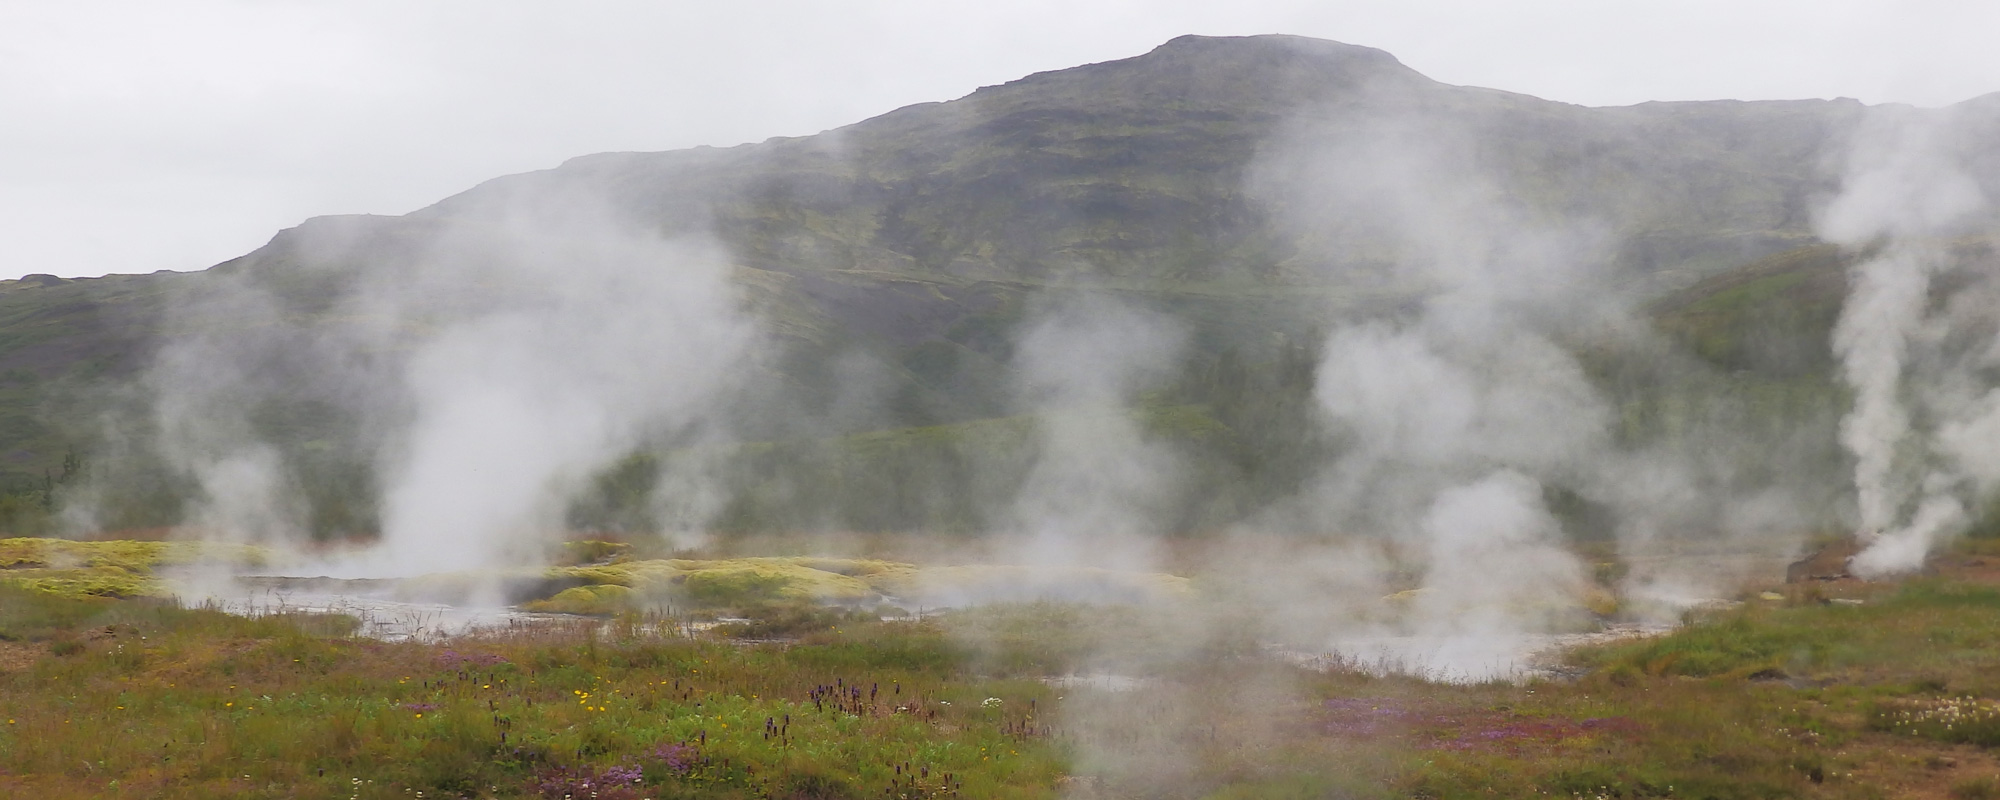 En islande à vélo en 2014, dans le cercle d'or, à Geysir